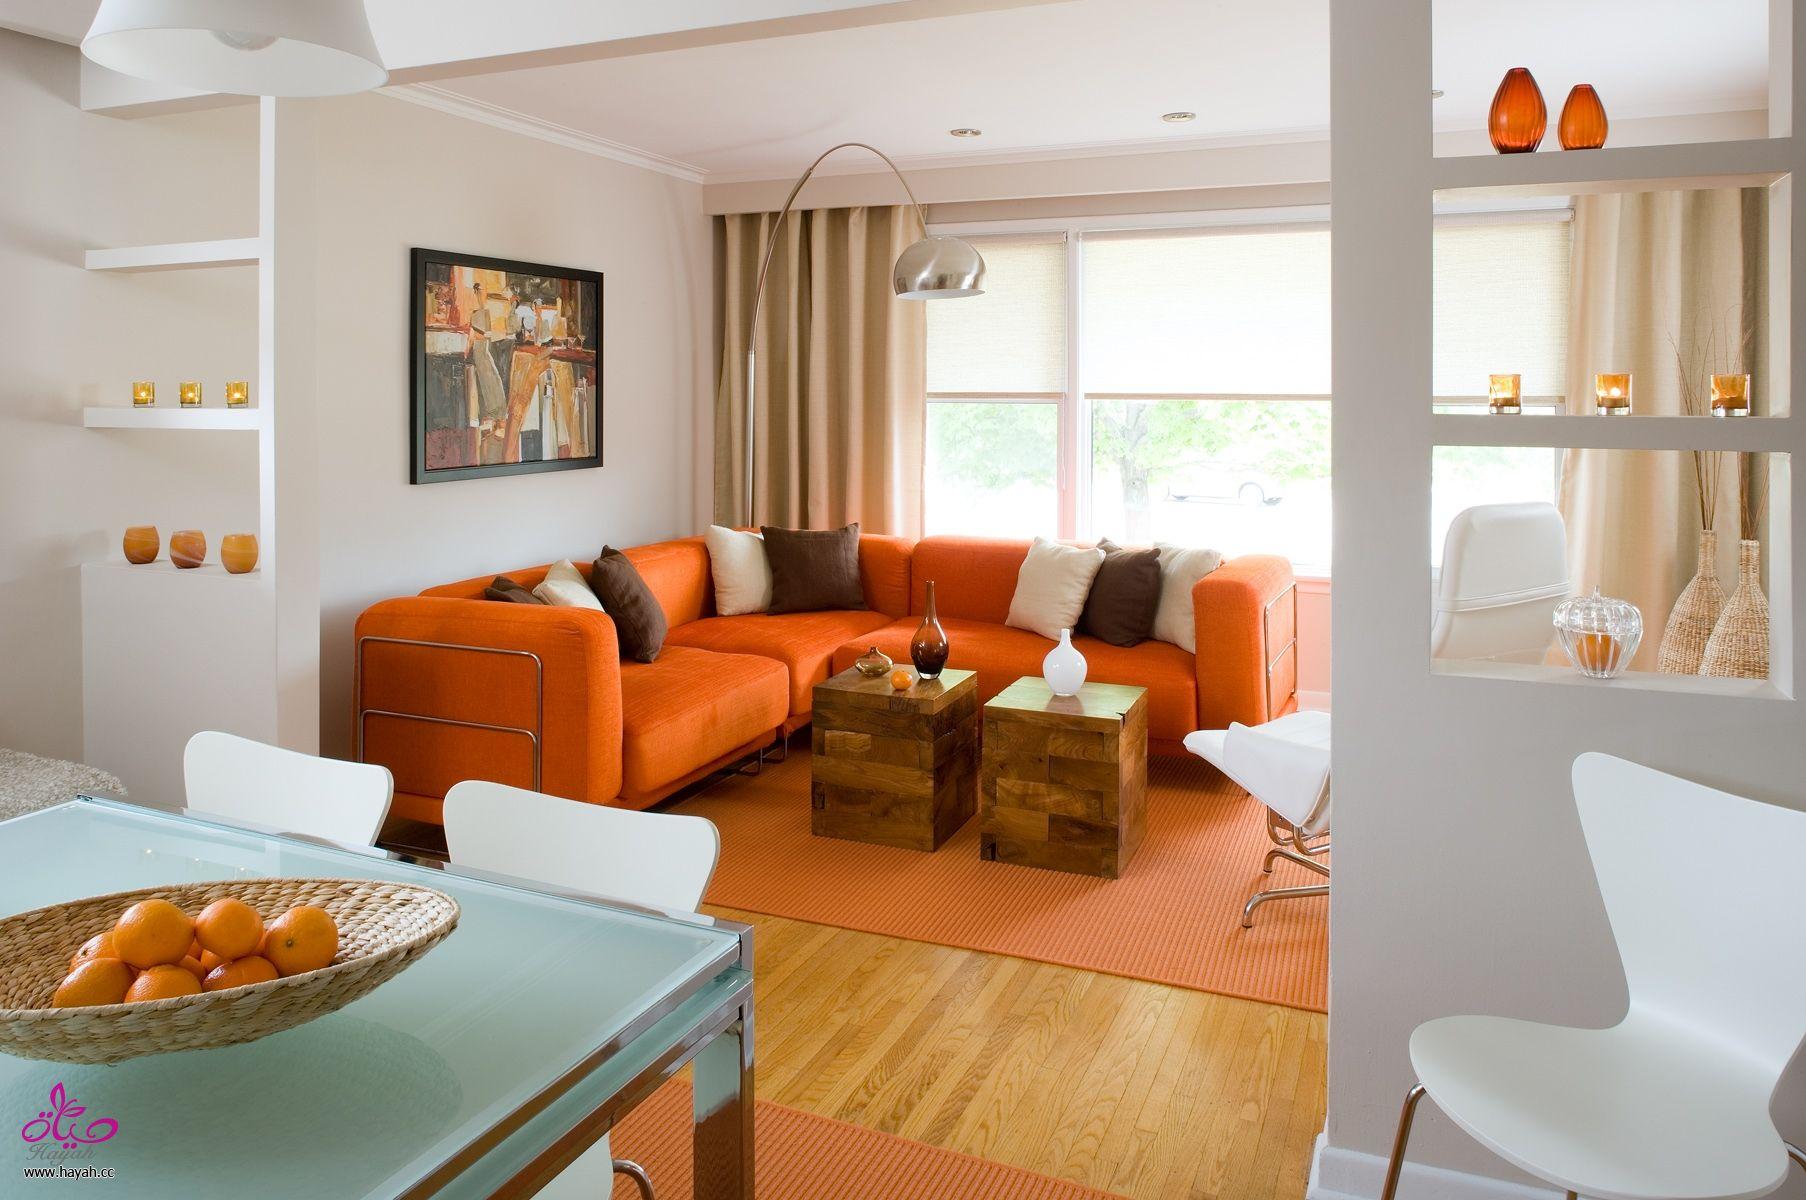 بالصور ديكورات منزلية جديدة فخمة بتصميمات عالمية غاية في الجمال 3ffcf817055741ca37b11404e1b1de6e